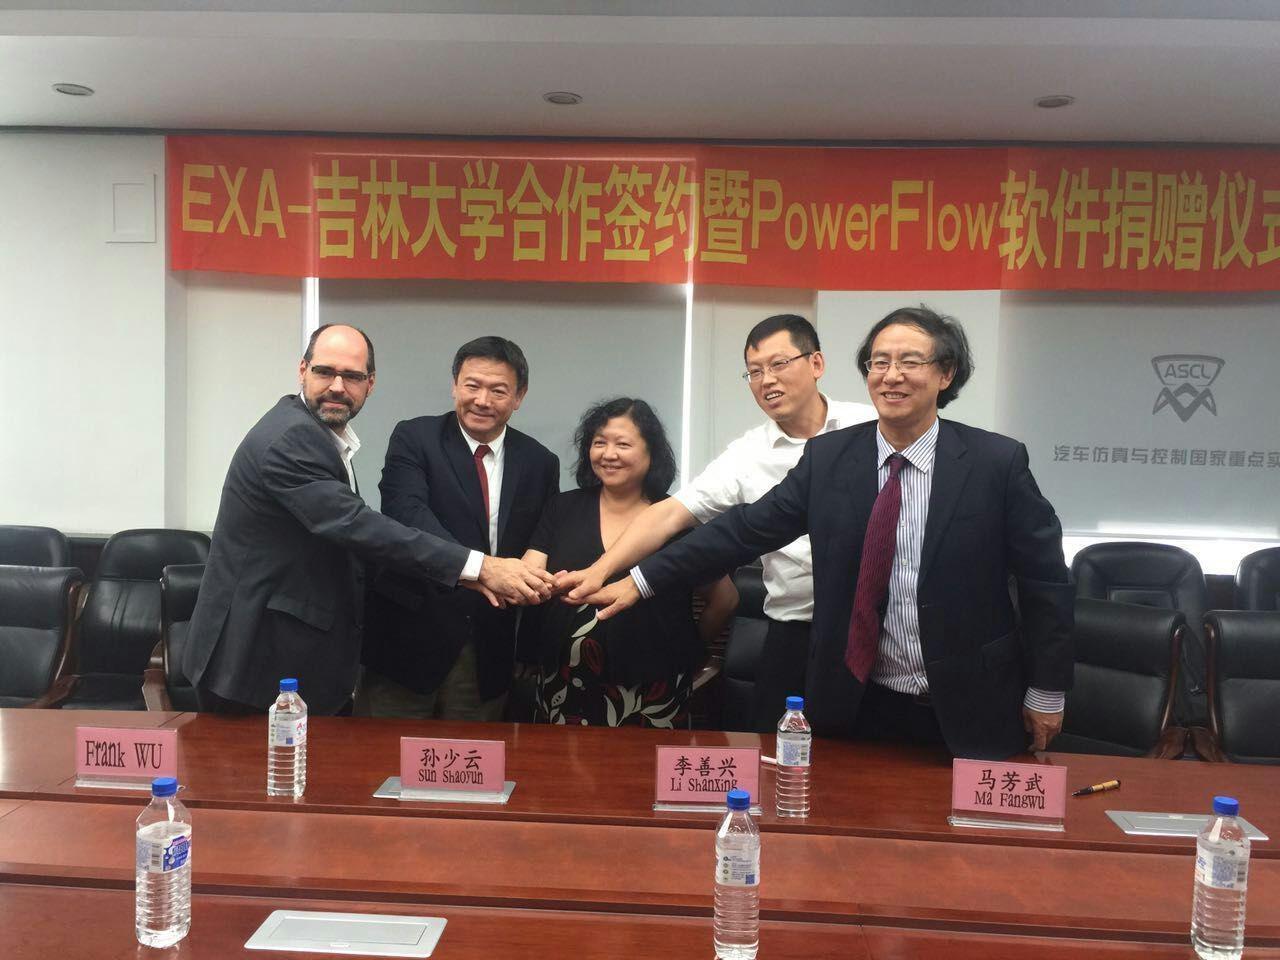 汽车工程学院与美国exa公司举行exa—吉林大学合作签约暨powerflow